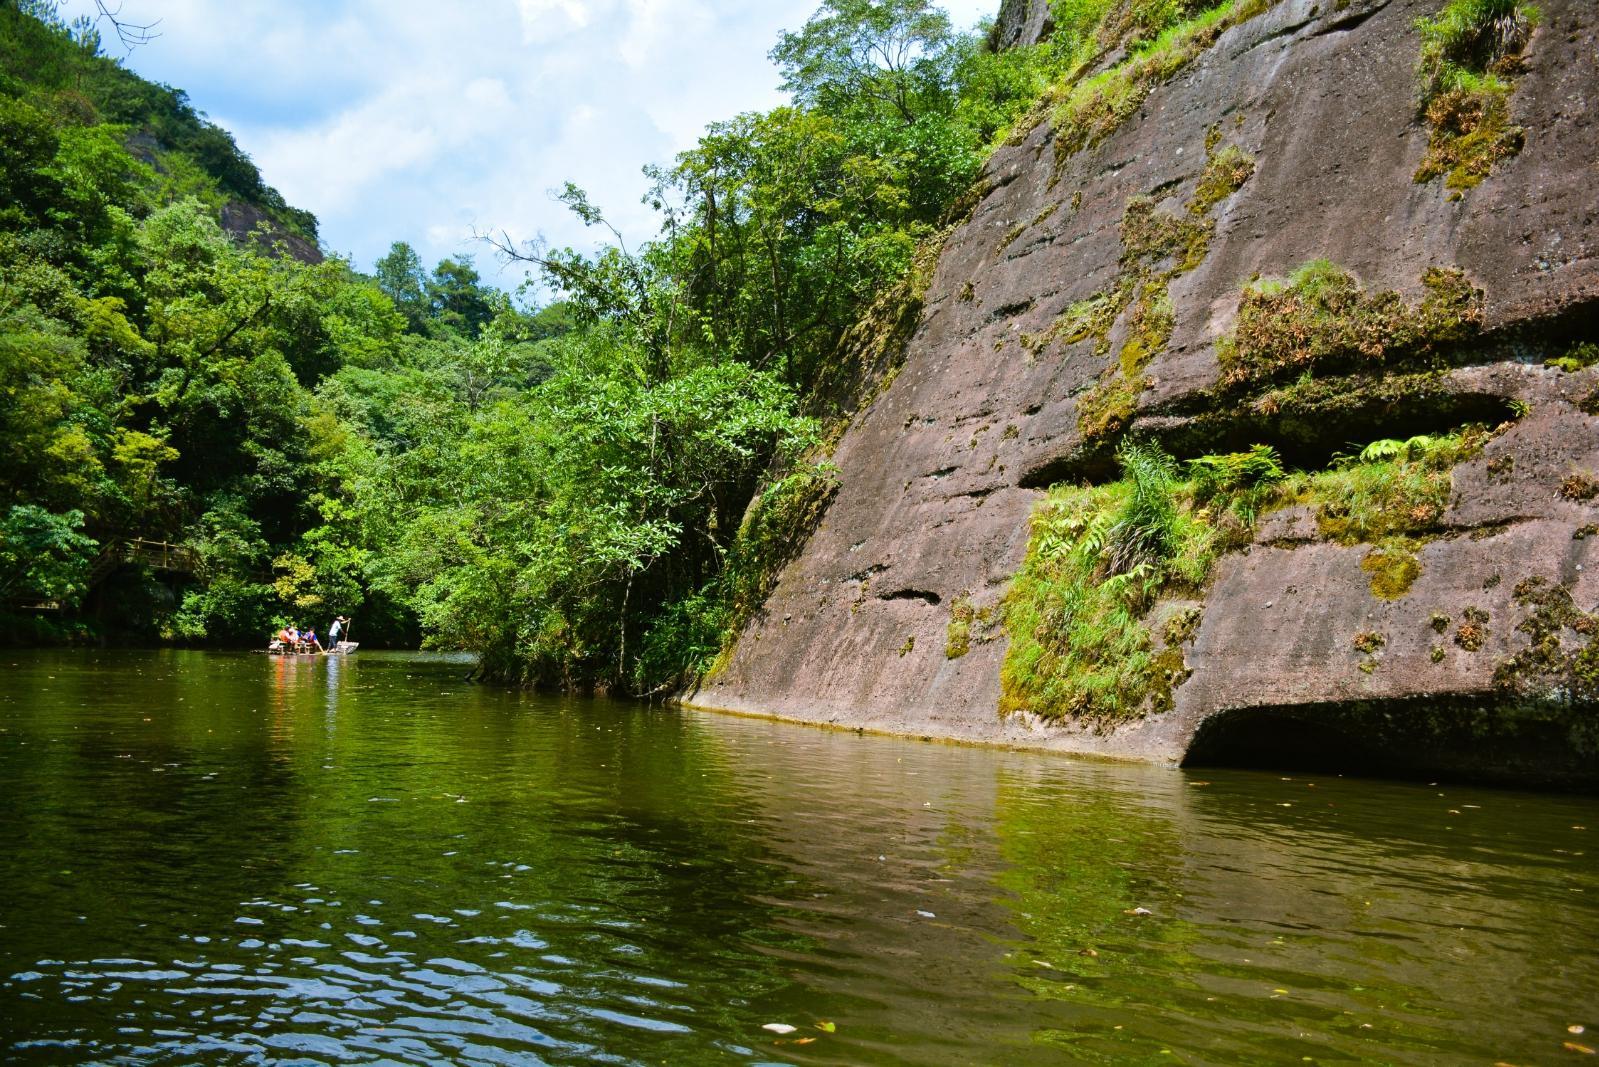 九龍潭風景區位于福建省泰寧縣世界自然遺產,世界地質公園北部核心區.